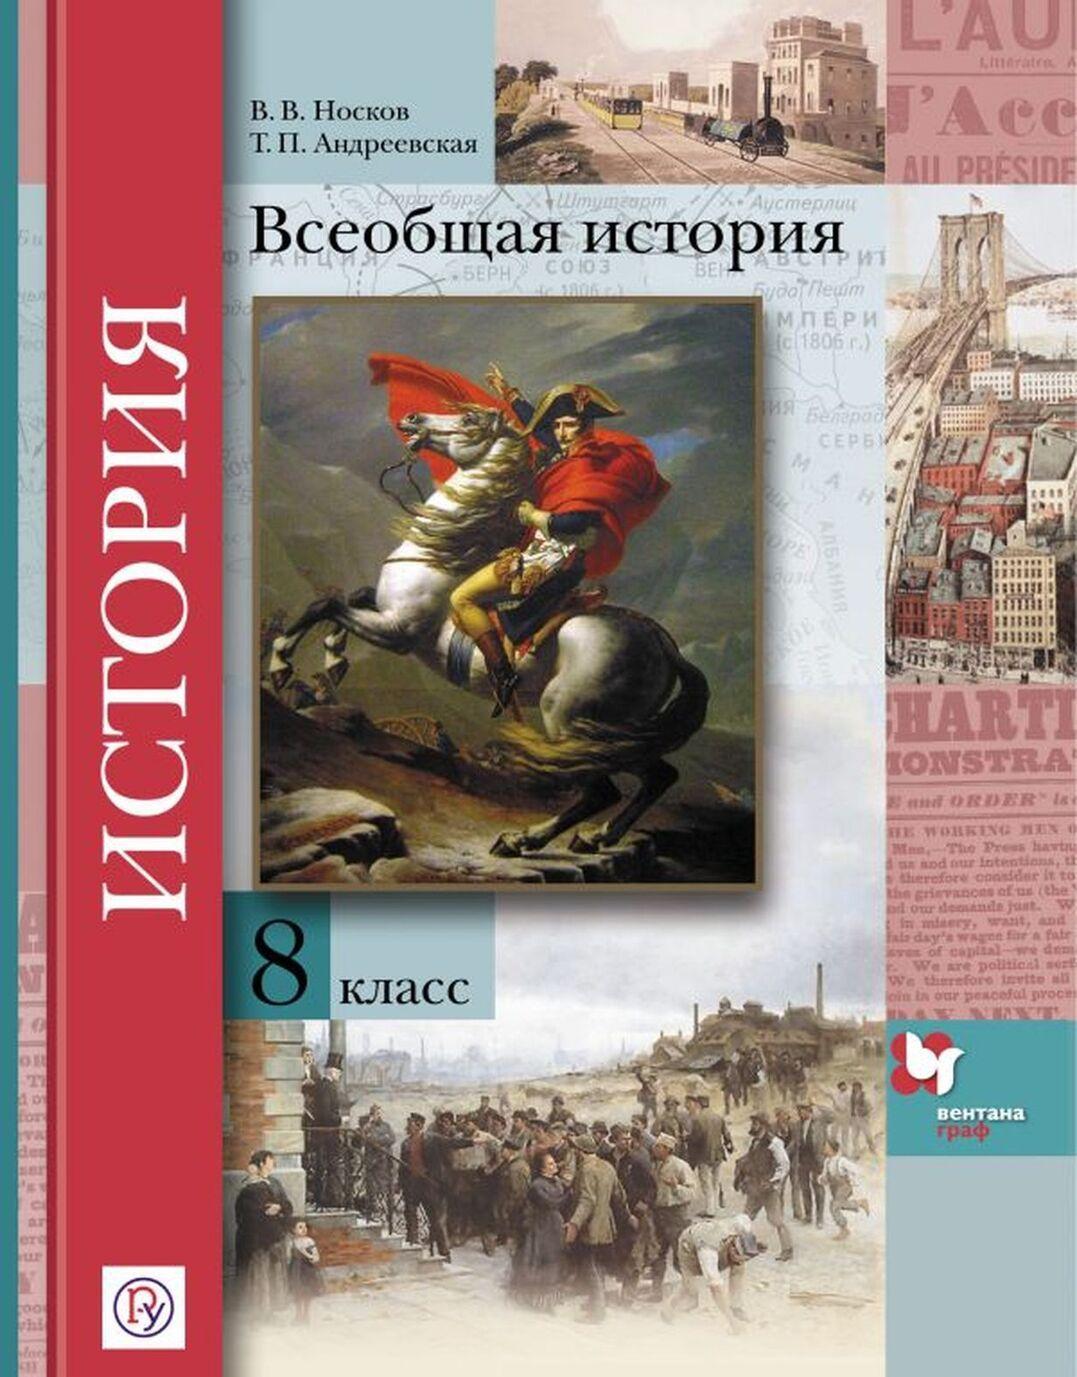 Vseobschaja istorija. 8klass. Uchebnik | Noskov Vladimir Vitalevich, Andreevskaja Tatjana Pavlovna